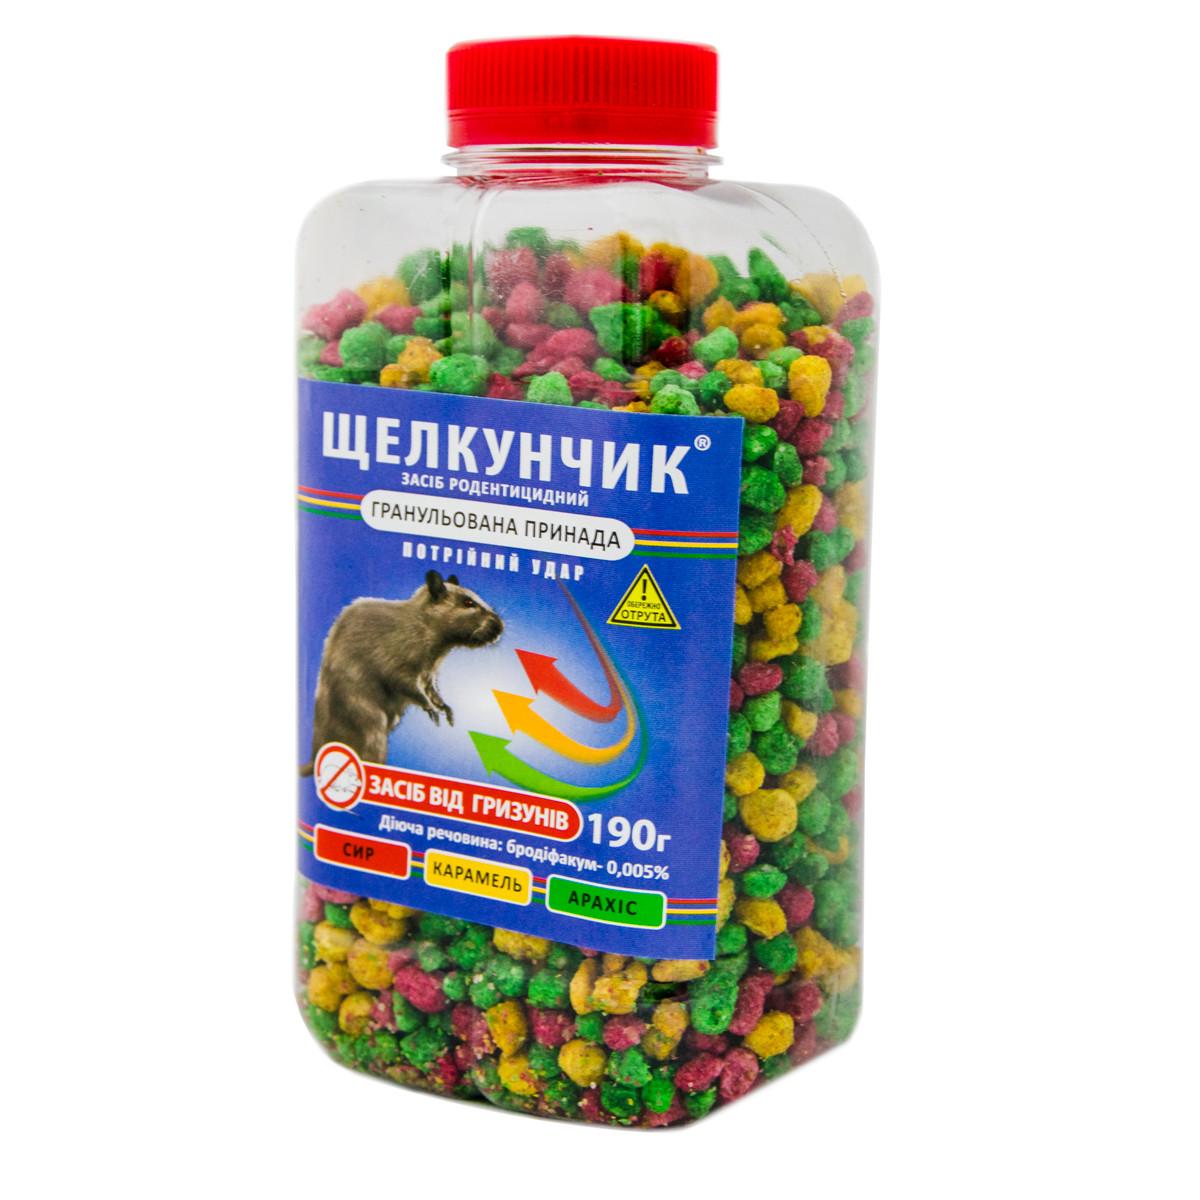 """Родентицид гранулы """"Щелкунчик"""" тройной удар, отрава для грызунов, средство от крыс, мышей (ST)"""